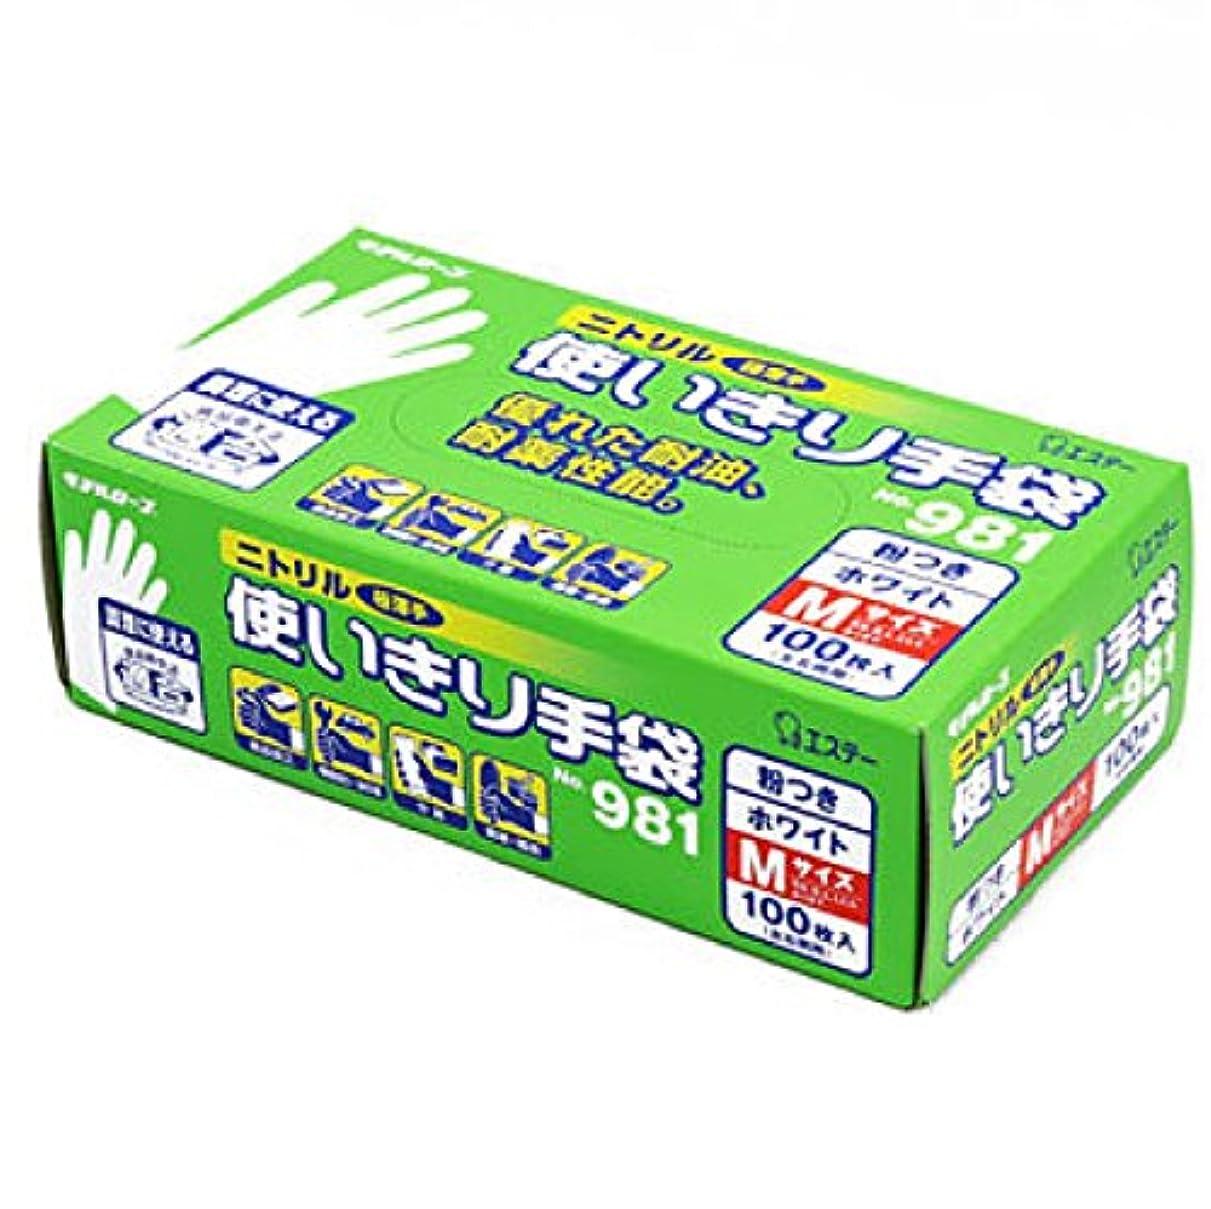 オーロック針野球エステー/ニトリル使いきり手袋 箱入 (粉つき) [100枚入]/品番:981 サイズ:LL カラー:ホワイト